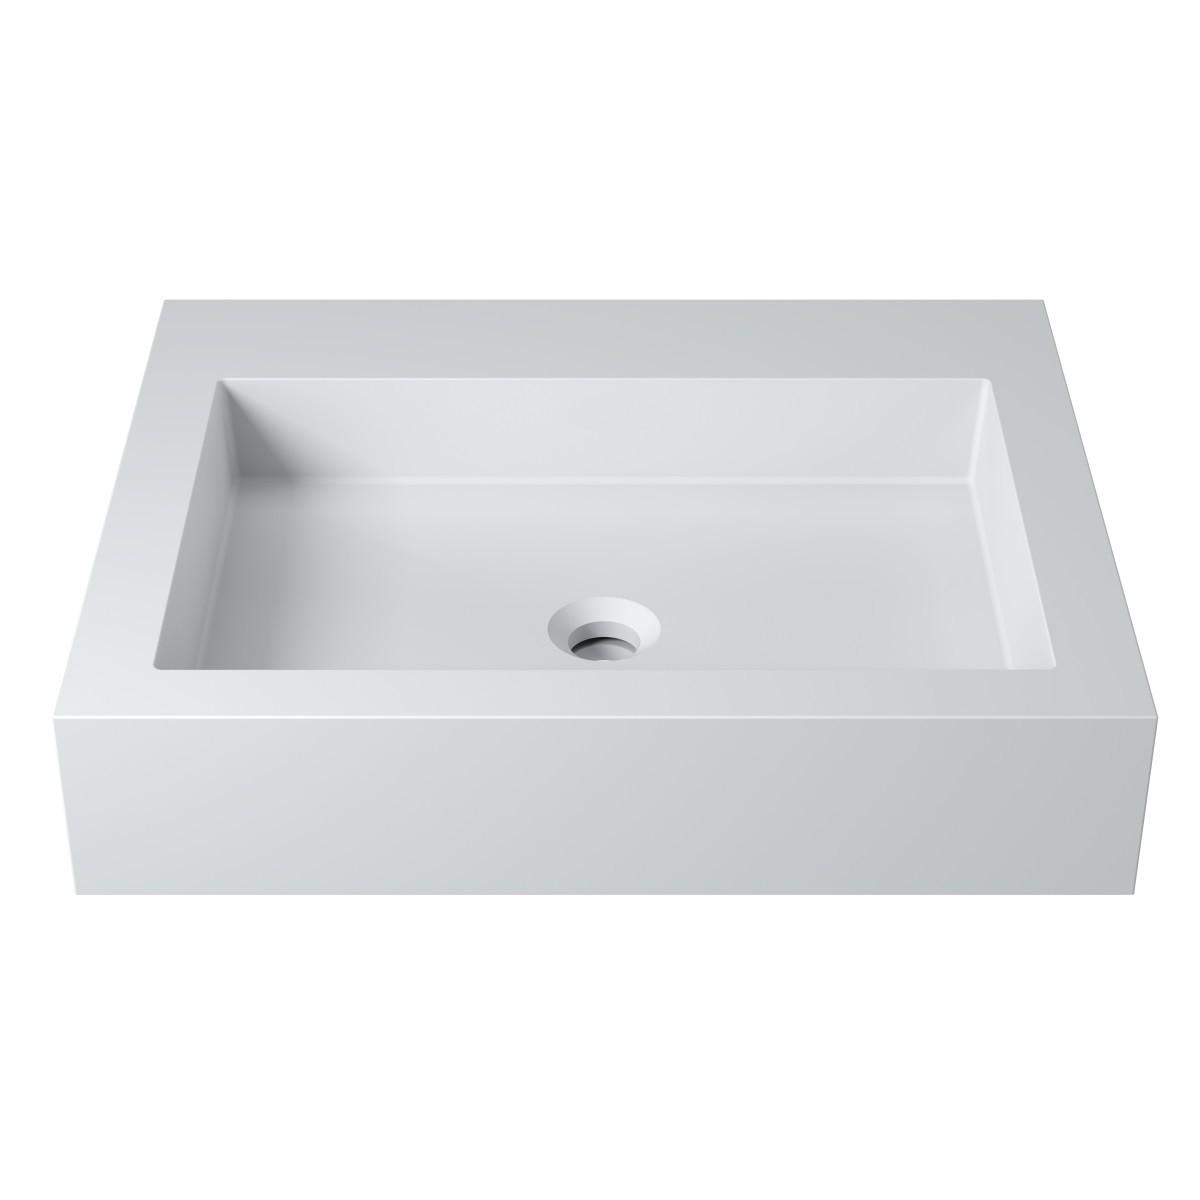 Mineralguss Waschbecken Reinigen Mineralguss Aufsatz Waschbecken